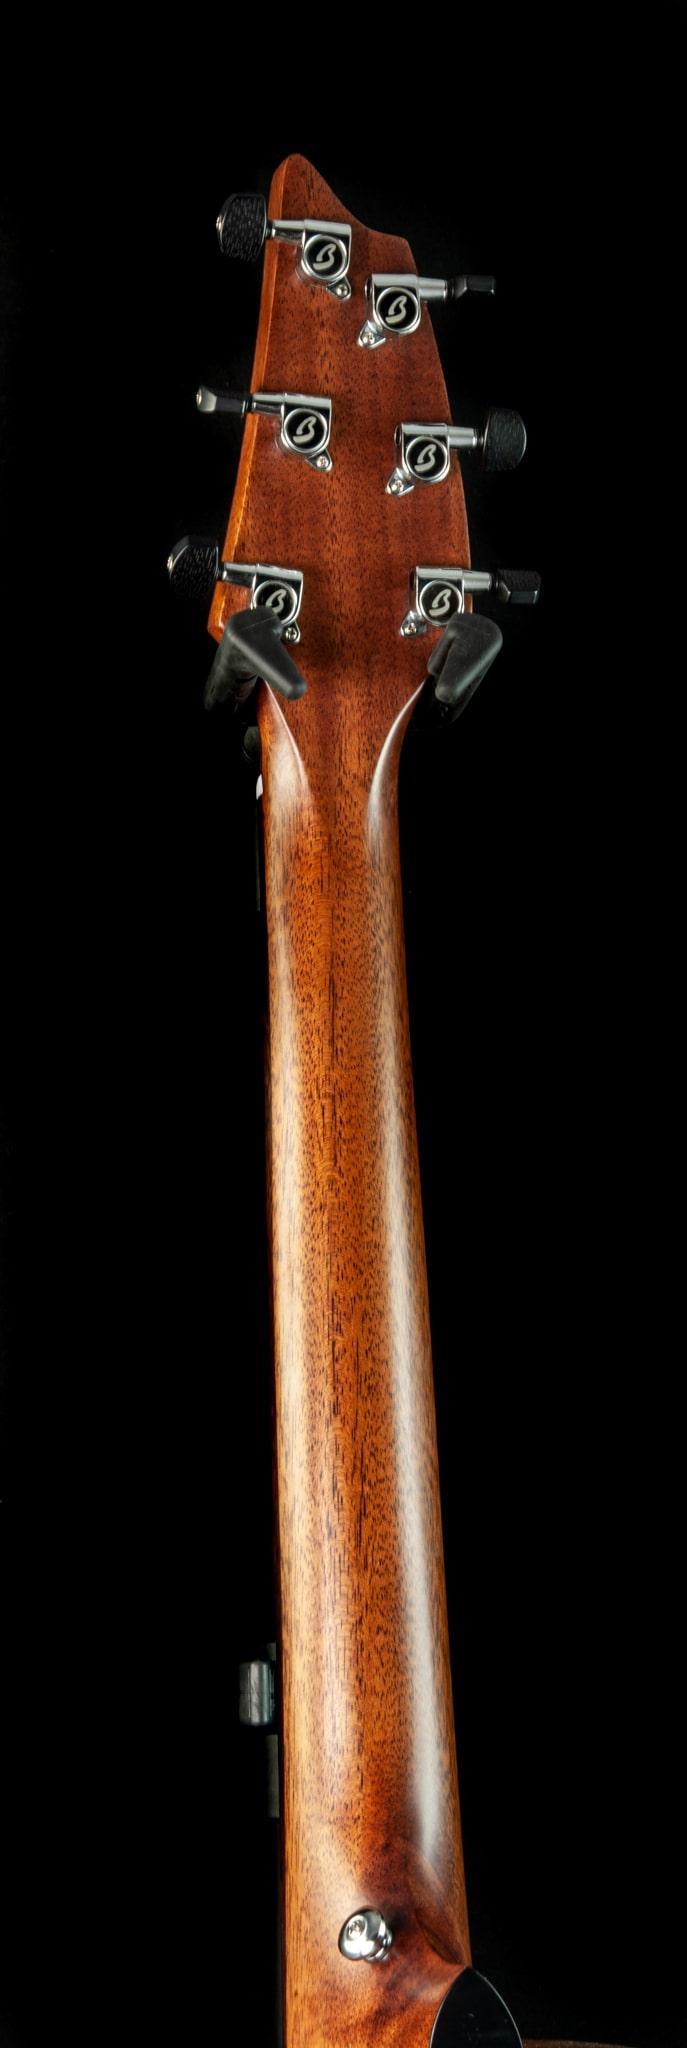 Breedlove Signature Concert Copper E in Copper Burst Semi-Gloss